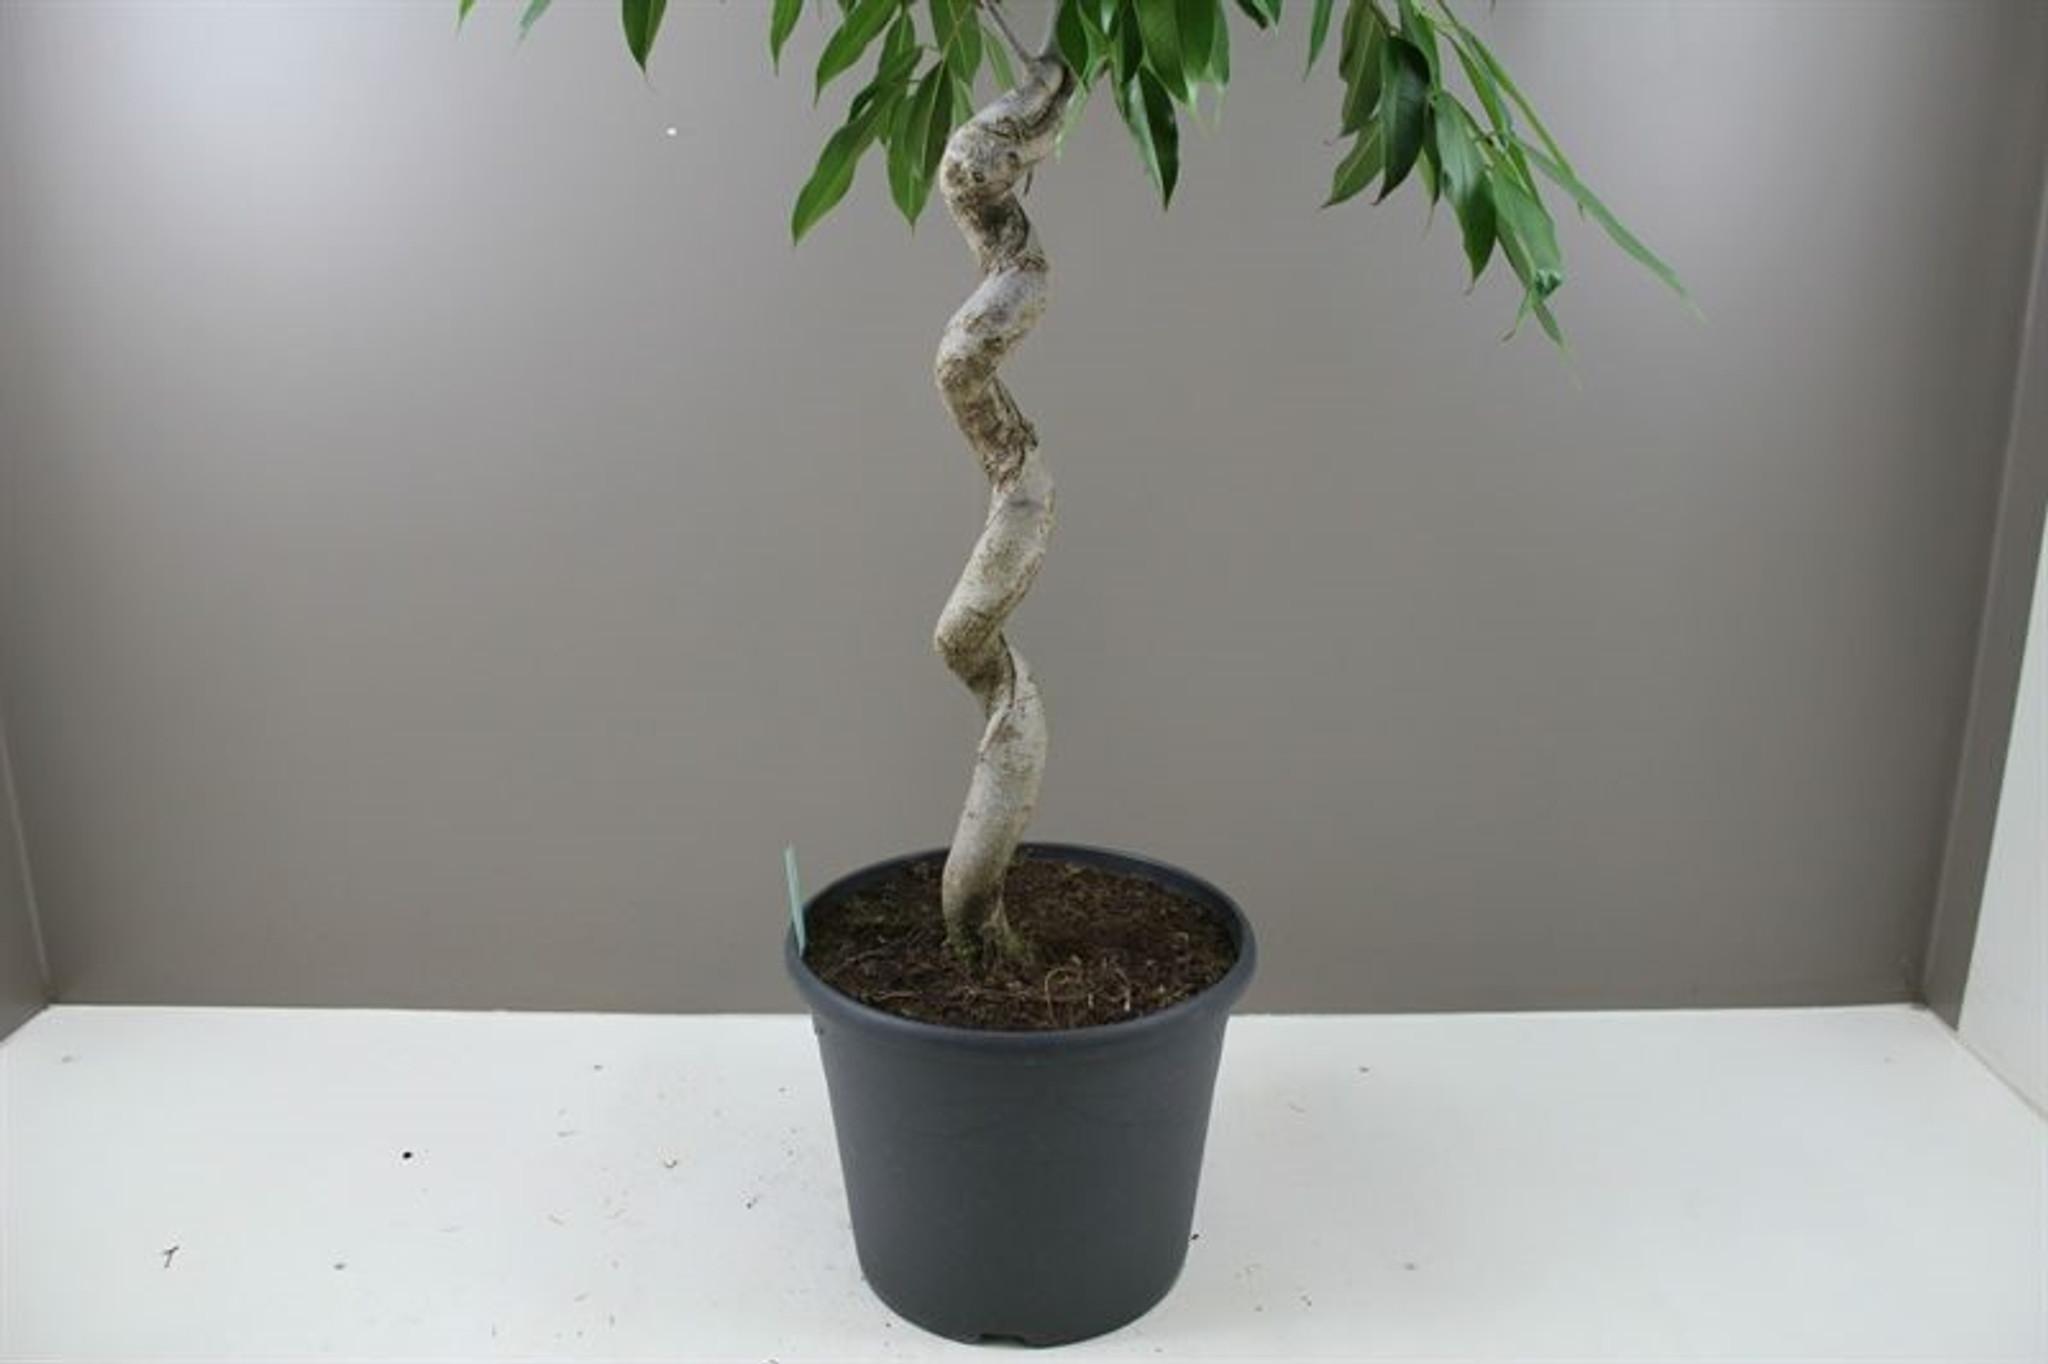 Ficus Alii Spiral stem